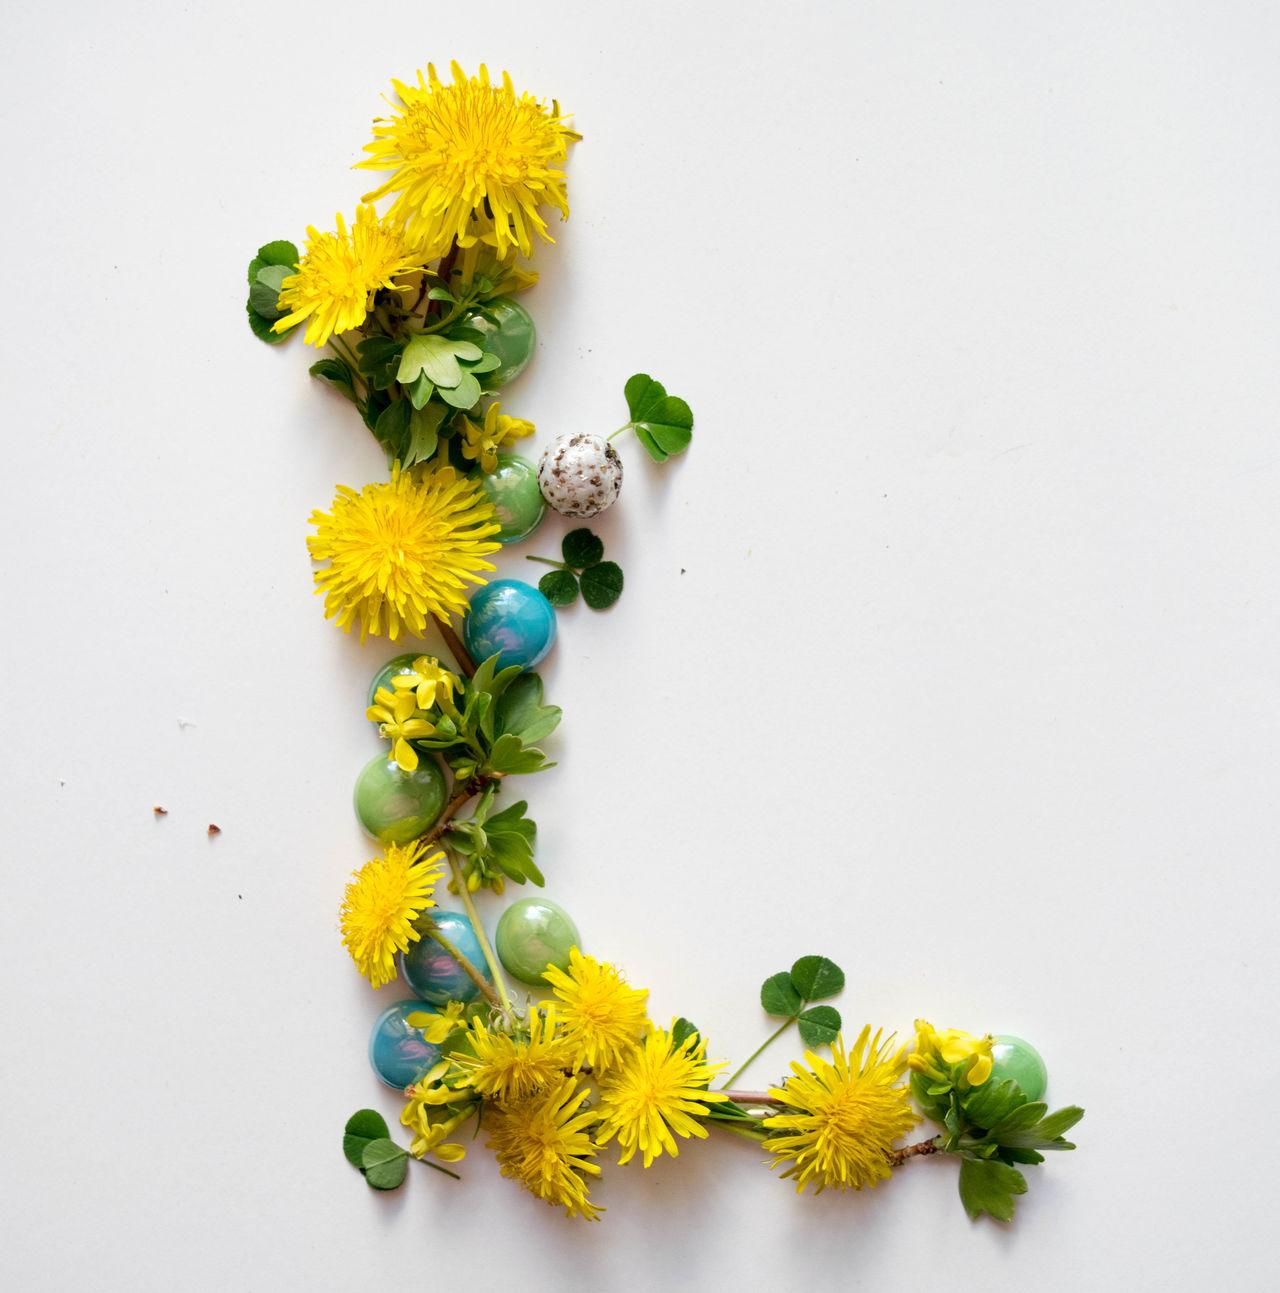 Alphabet Flower Fragility Freshness Growth L Leaves Letter Letter L Plant Studio Photography Studio Shot